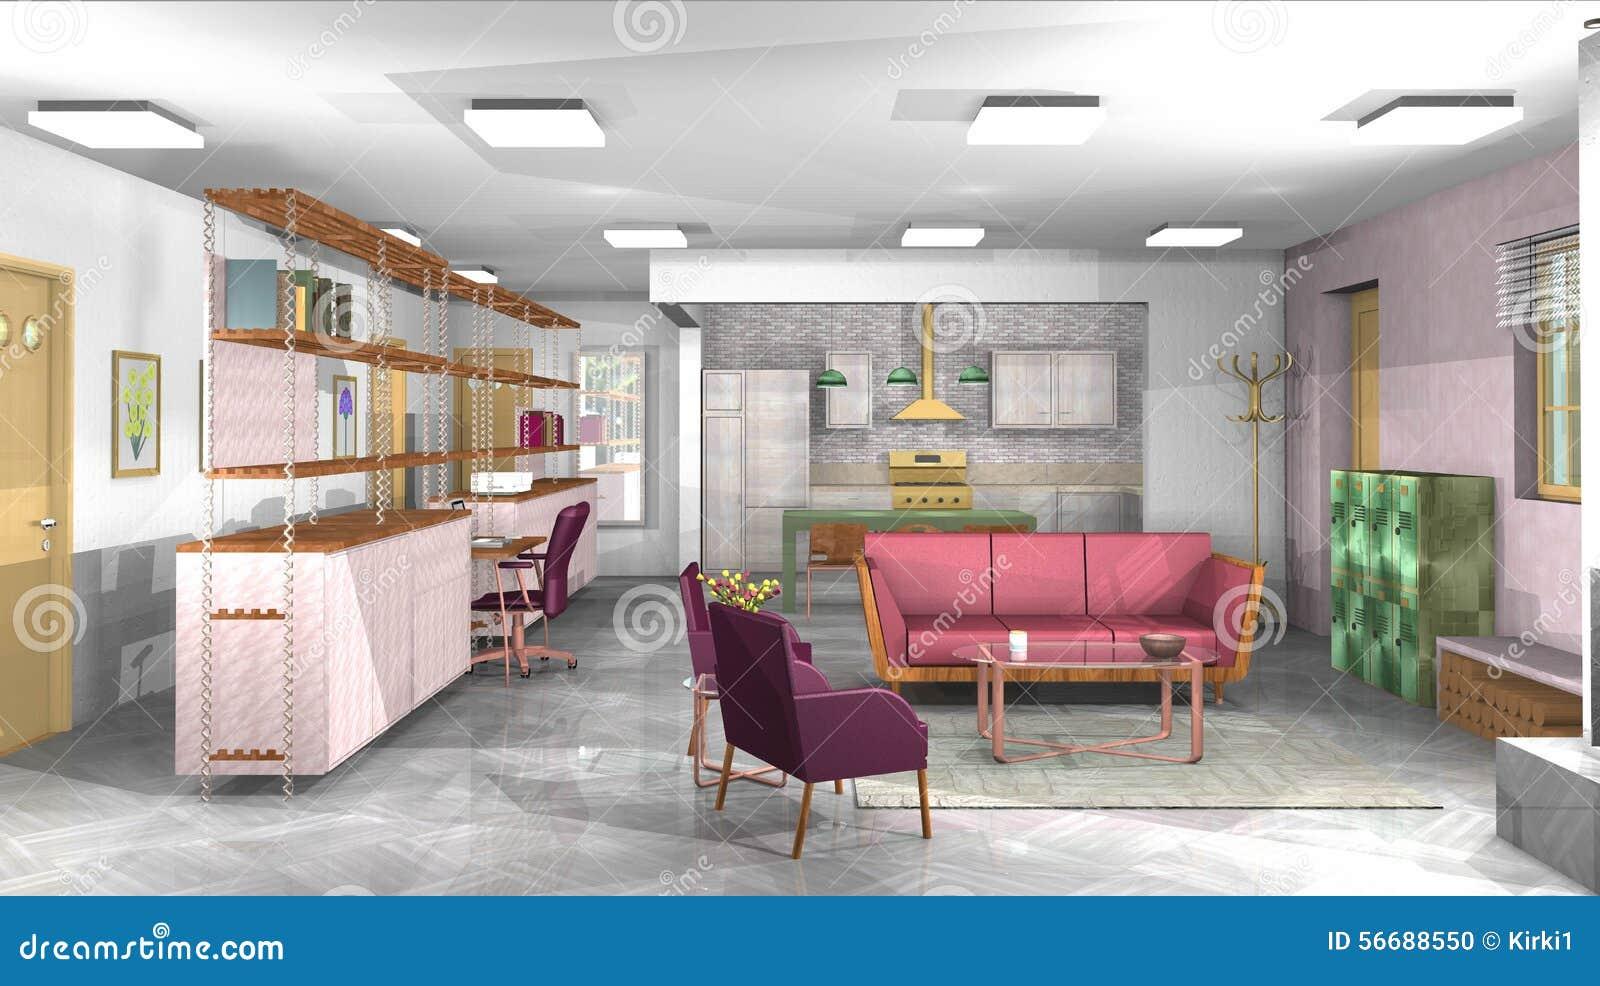 Rustikales Modernes Wohnzimmer Mit Bro Und Offene Kche With Offene Kche  Wohnzimmer Bilder